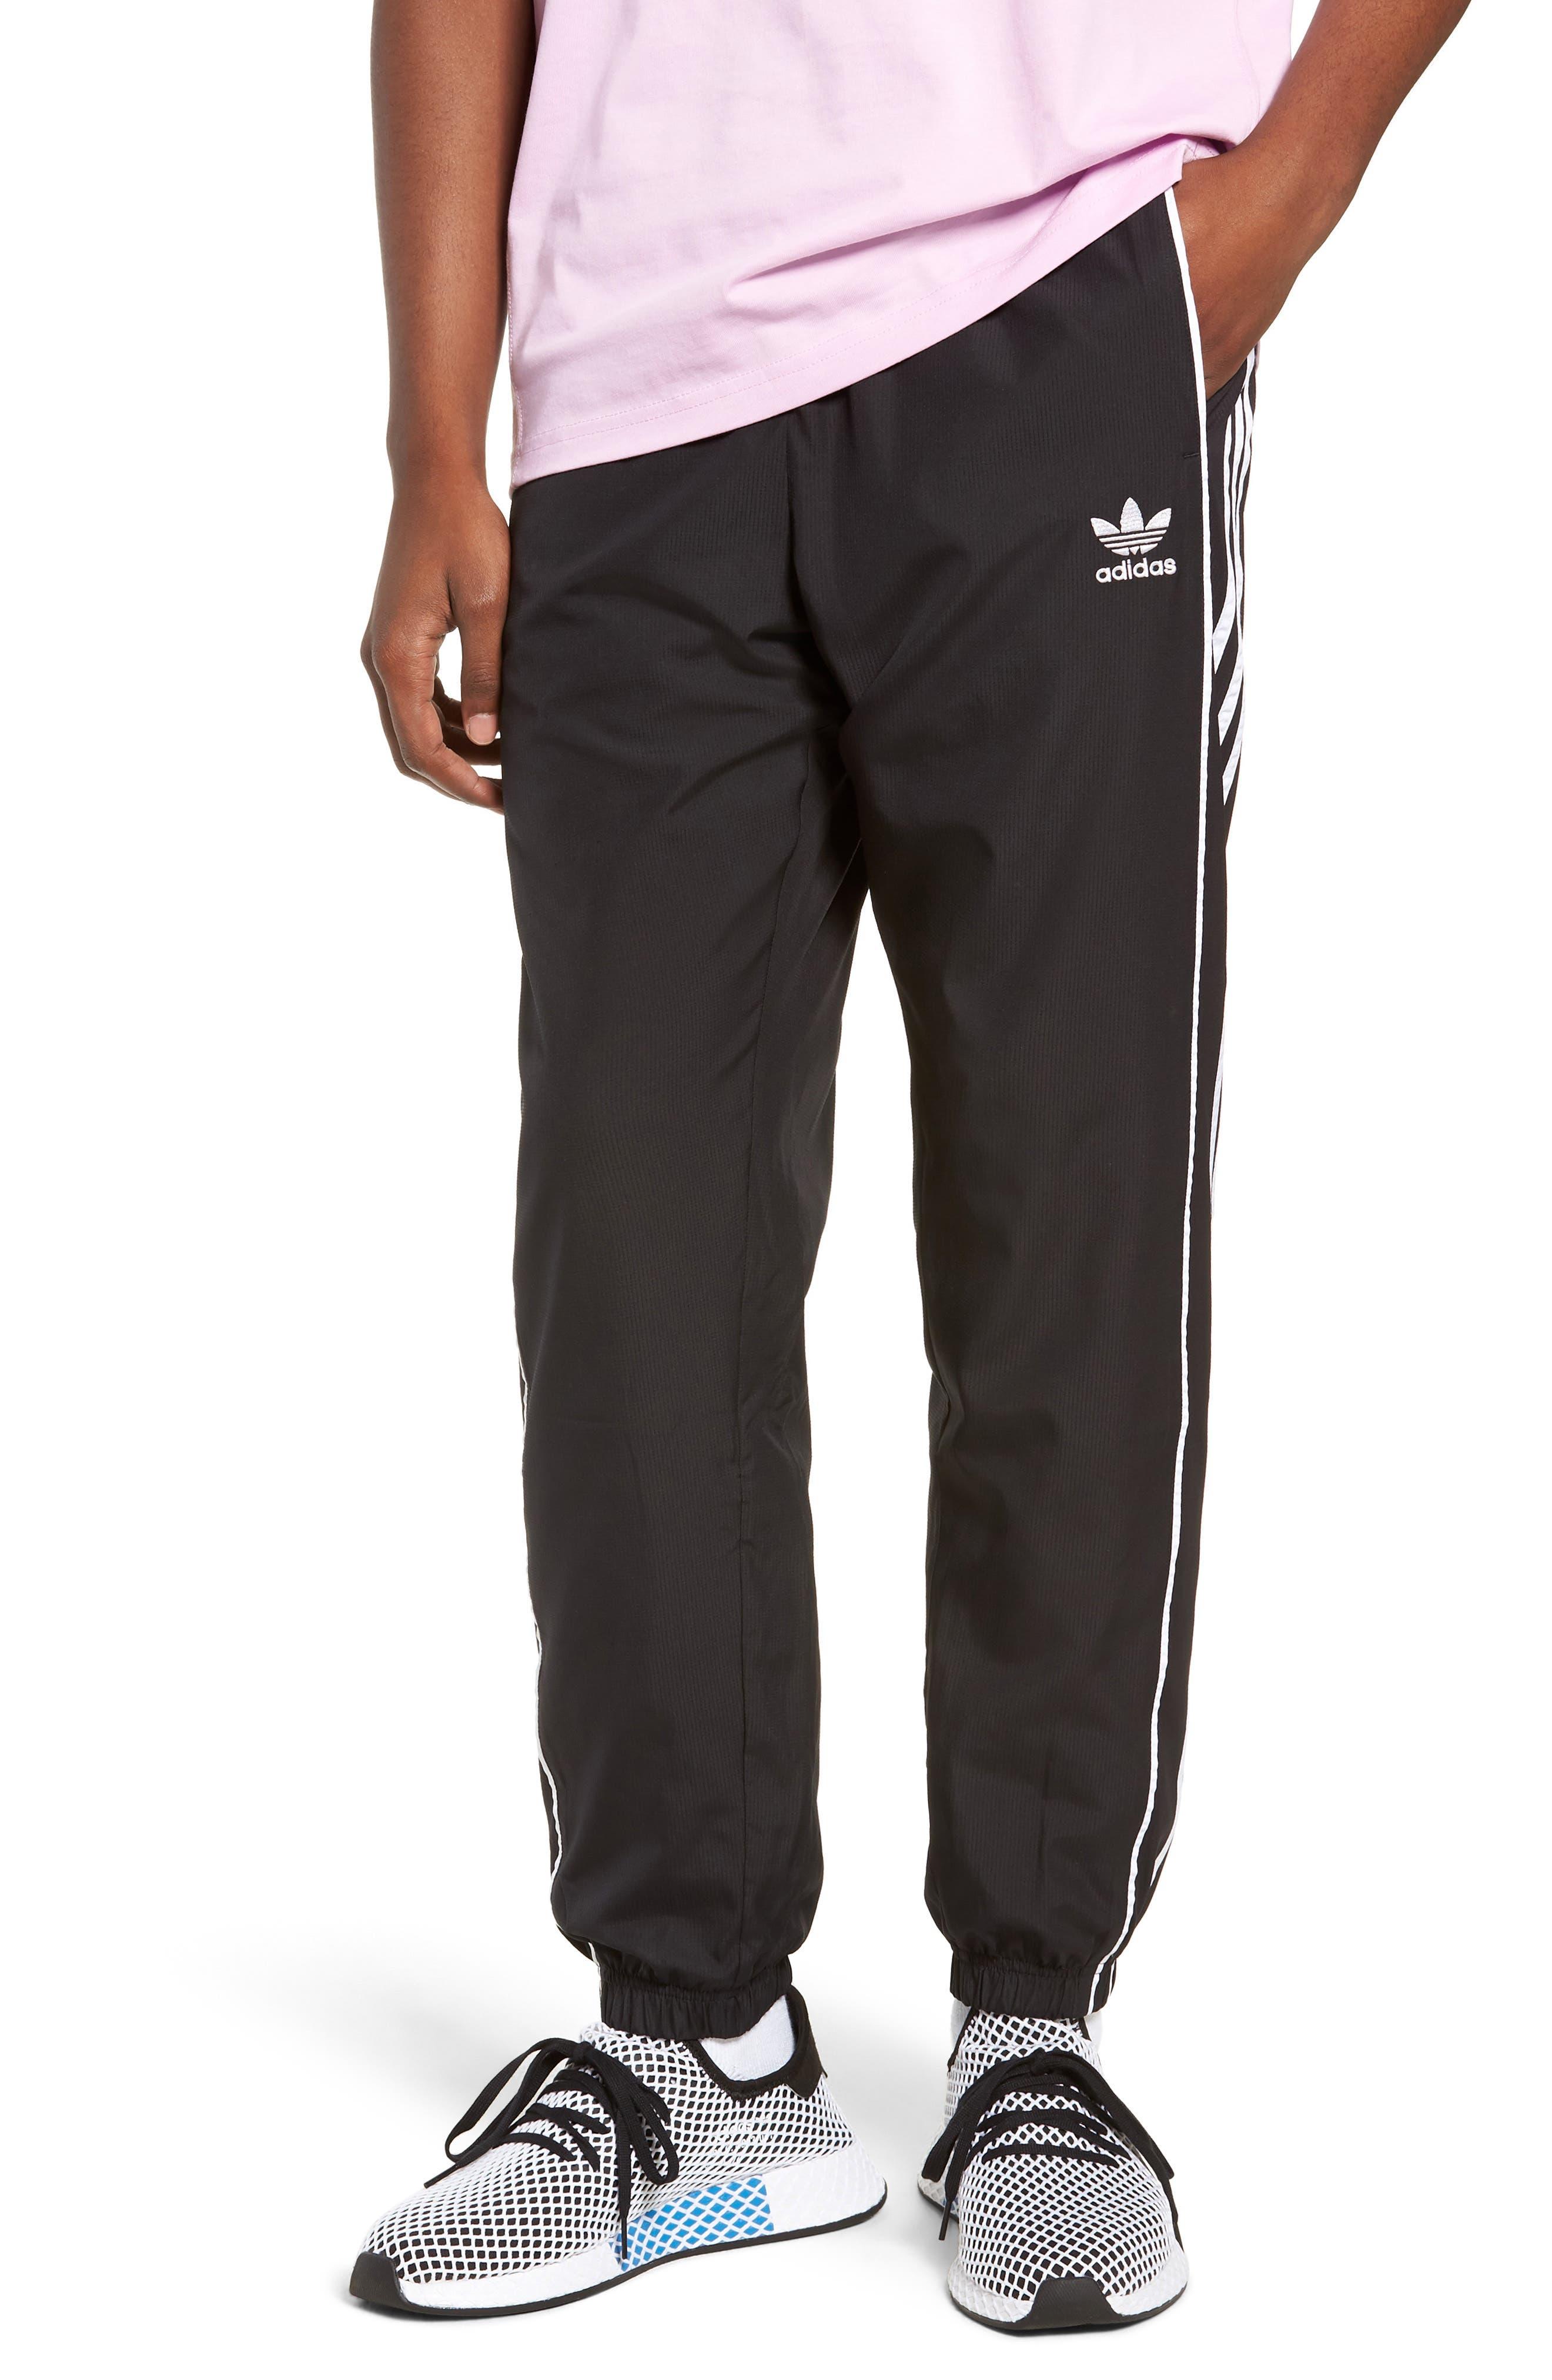 Authentics Track Pants,                         Main,                         color, 001